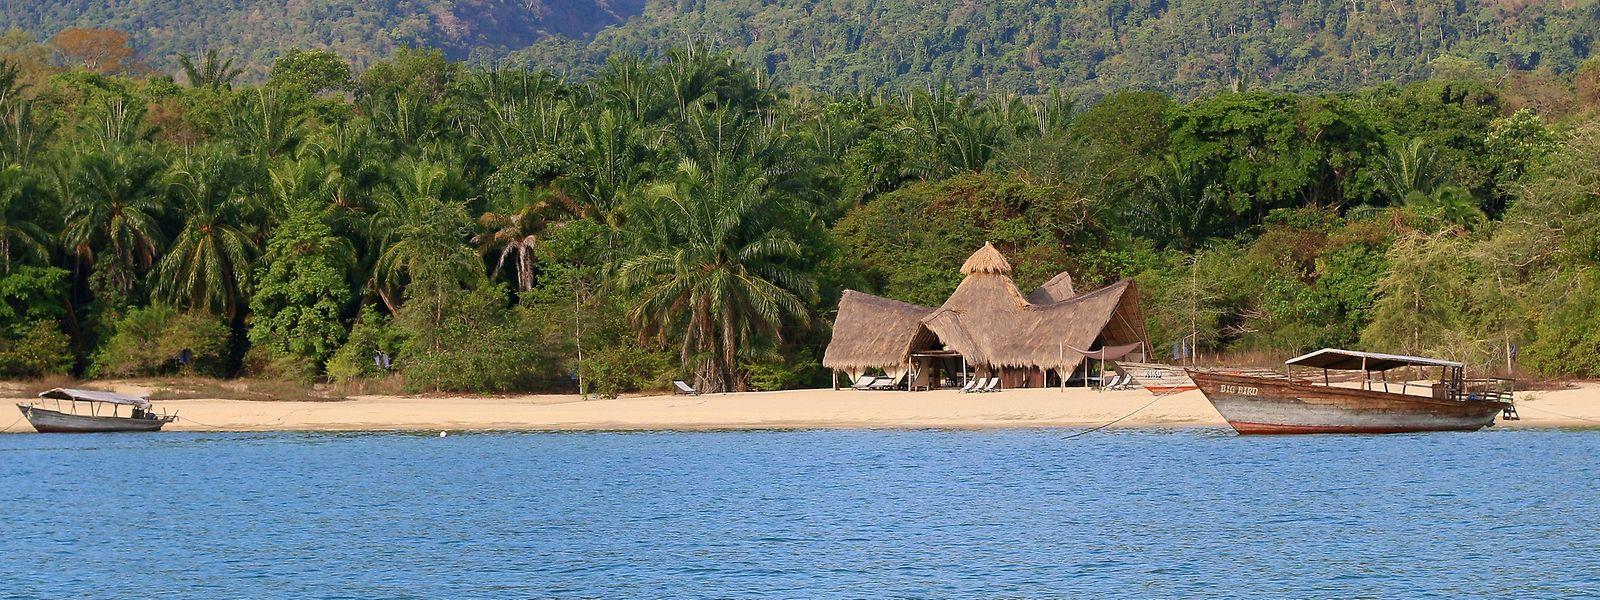 Die Greystoke Mahale-Lodge von Barbara und Fabio Coccia ist an einem traumhaften Sandstrand des Tanganjika-Sees gelegen.